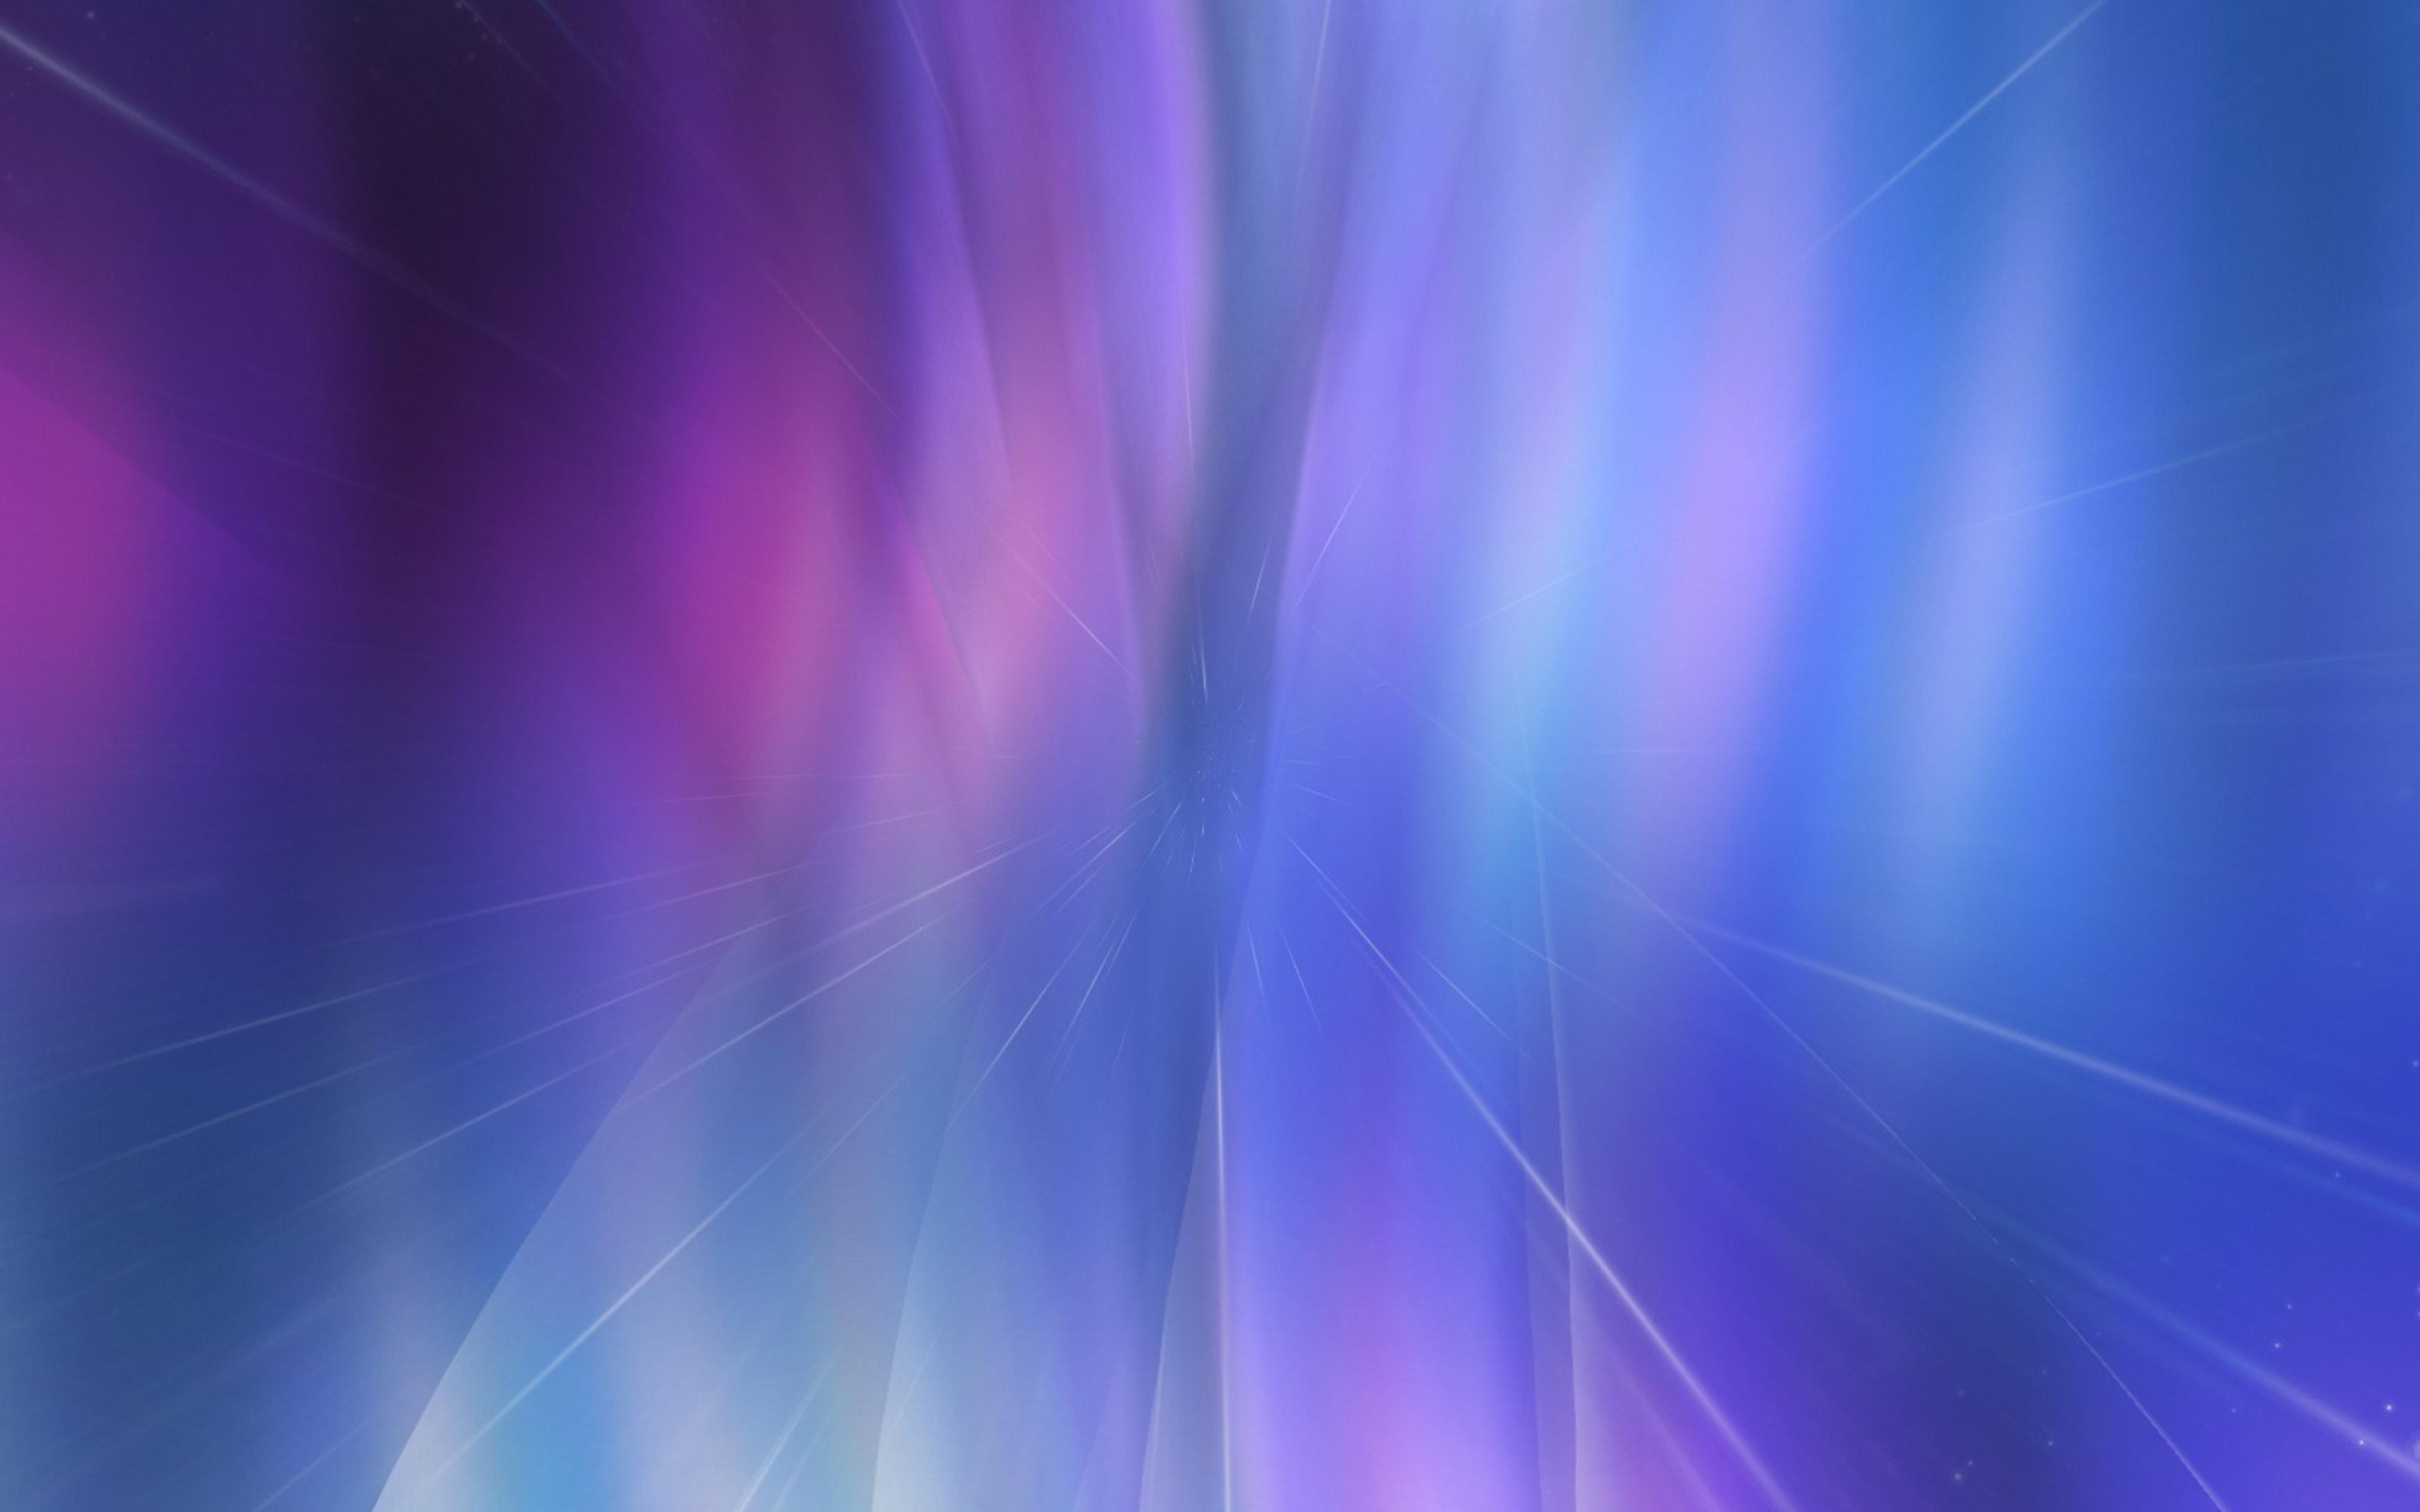 best hd wallpapers for macbook pro retina